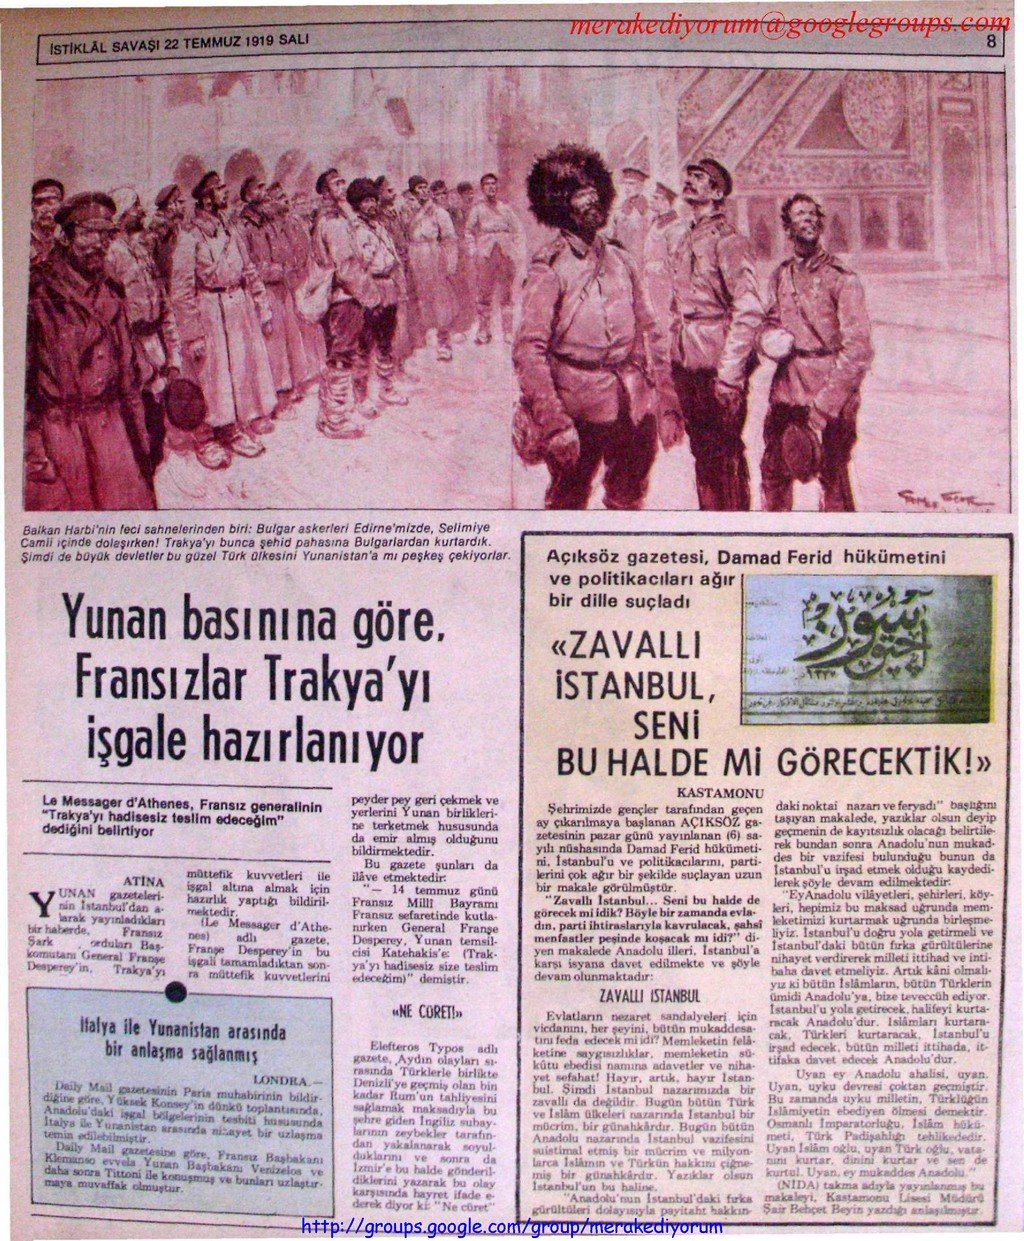 istiklal savaşı gazetesi - 22 temmuz 1919